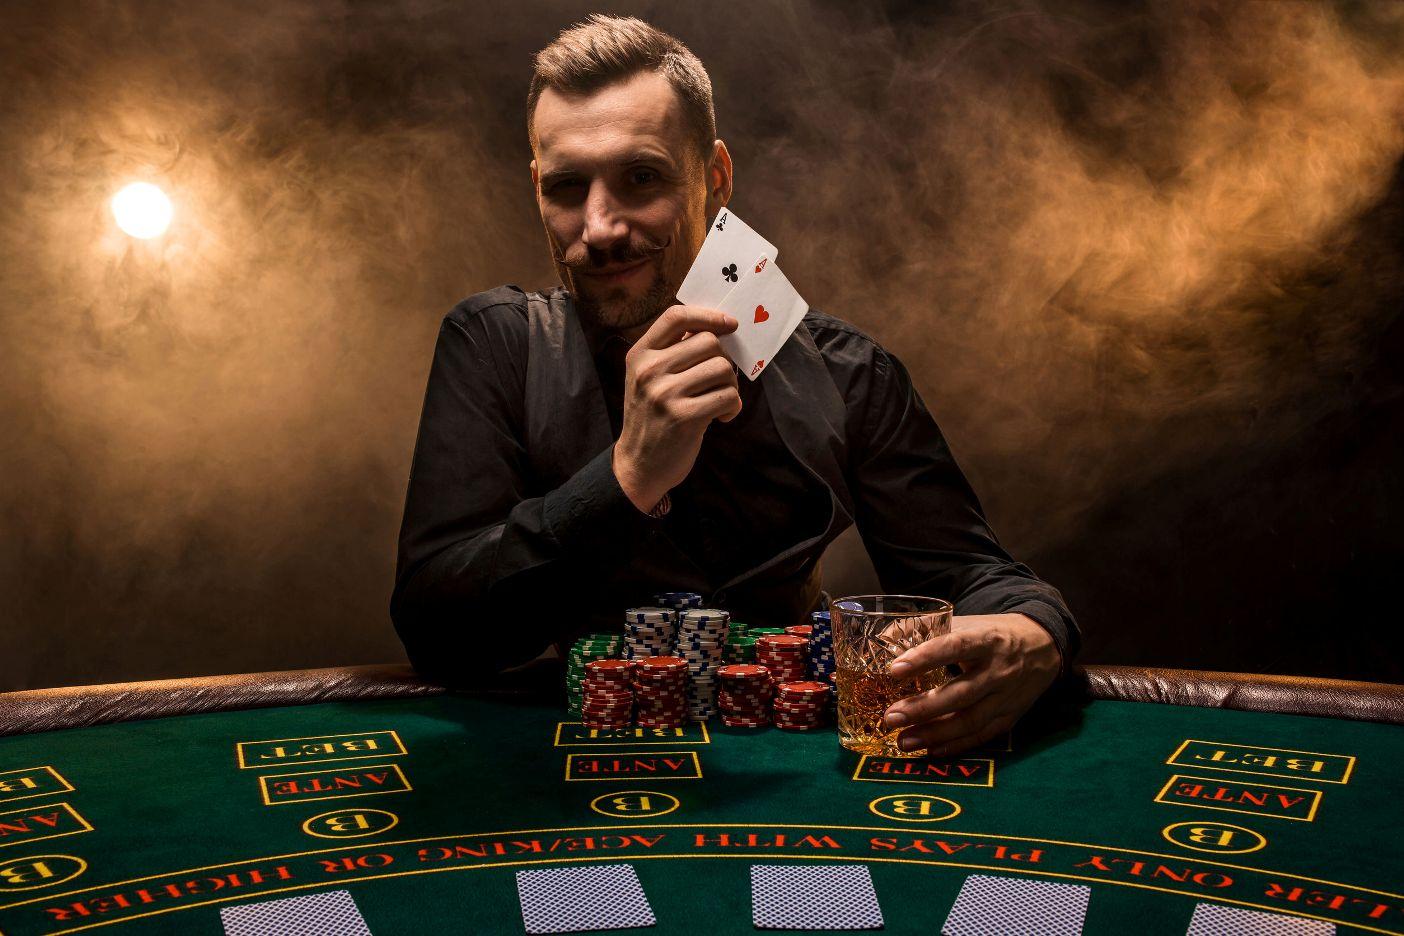 Азартные игры на деньги, казино Вулкан, игровые автоматы, блэкджек, рулетка, покер, European Blackjack